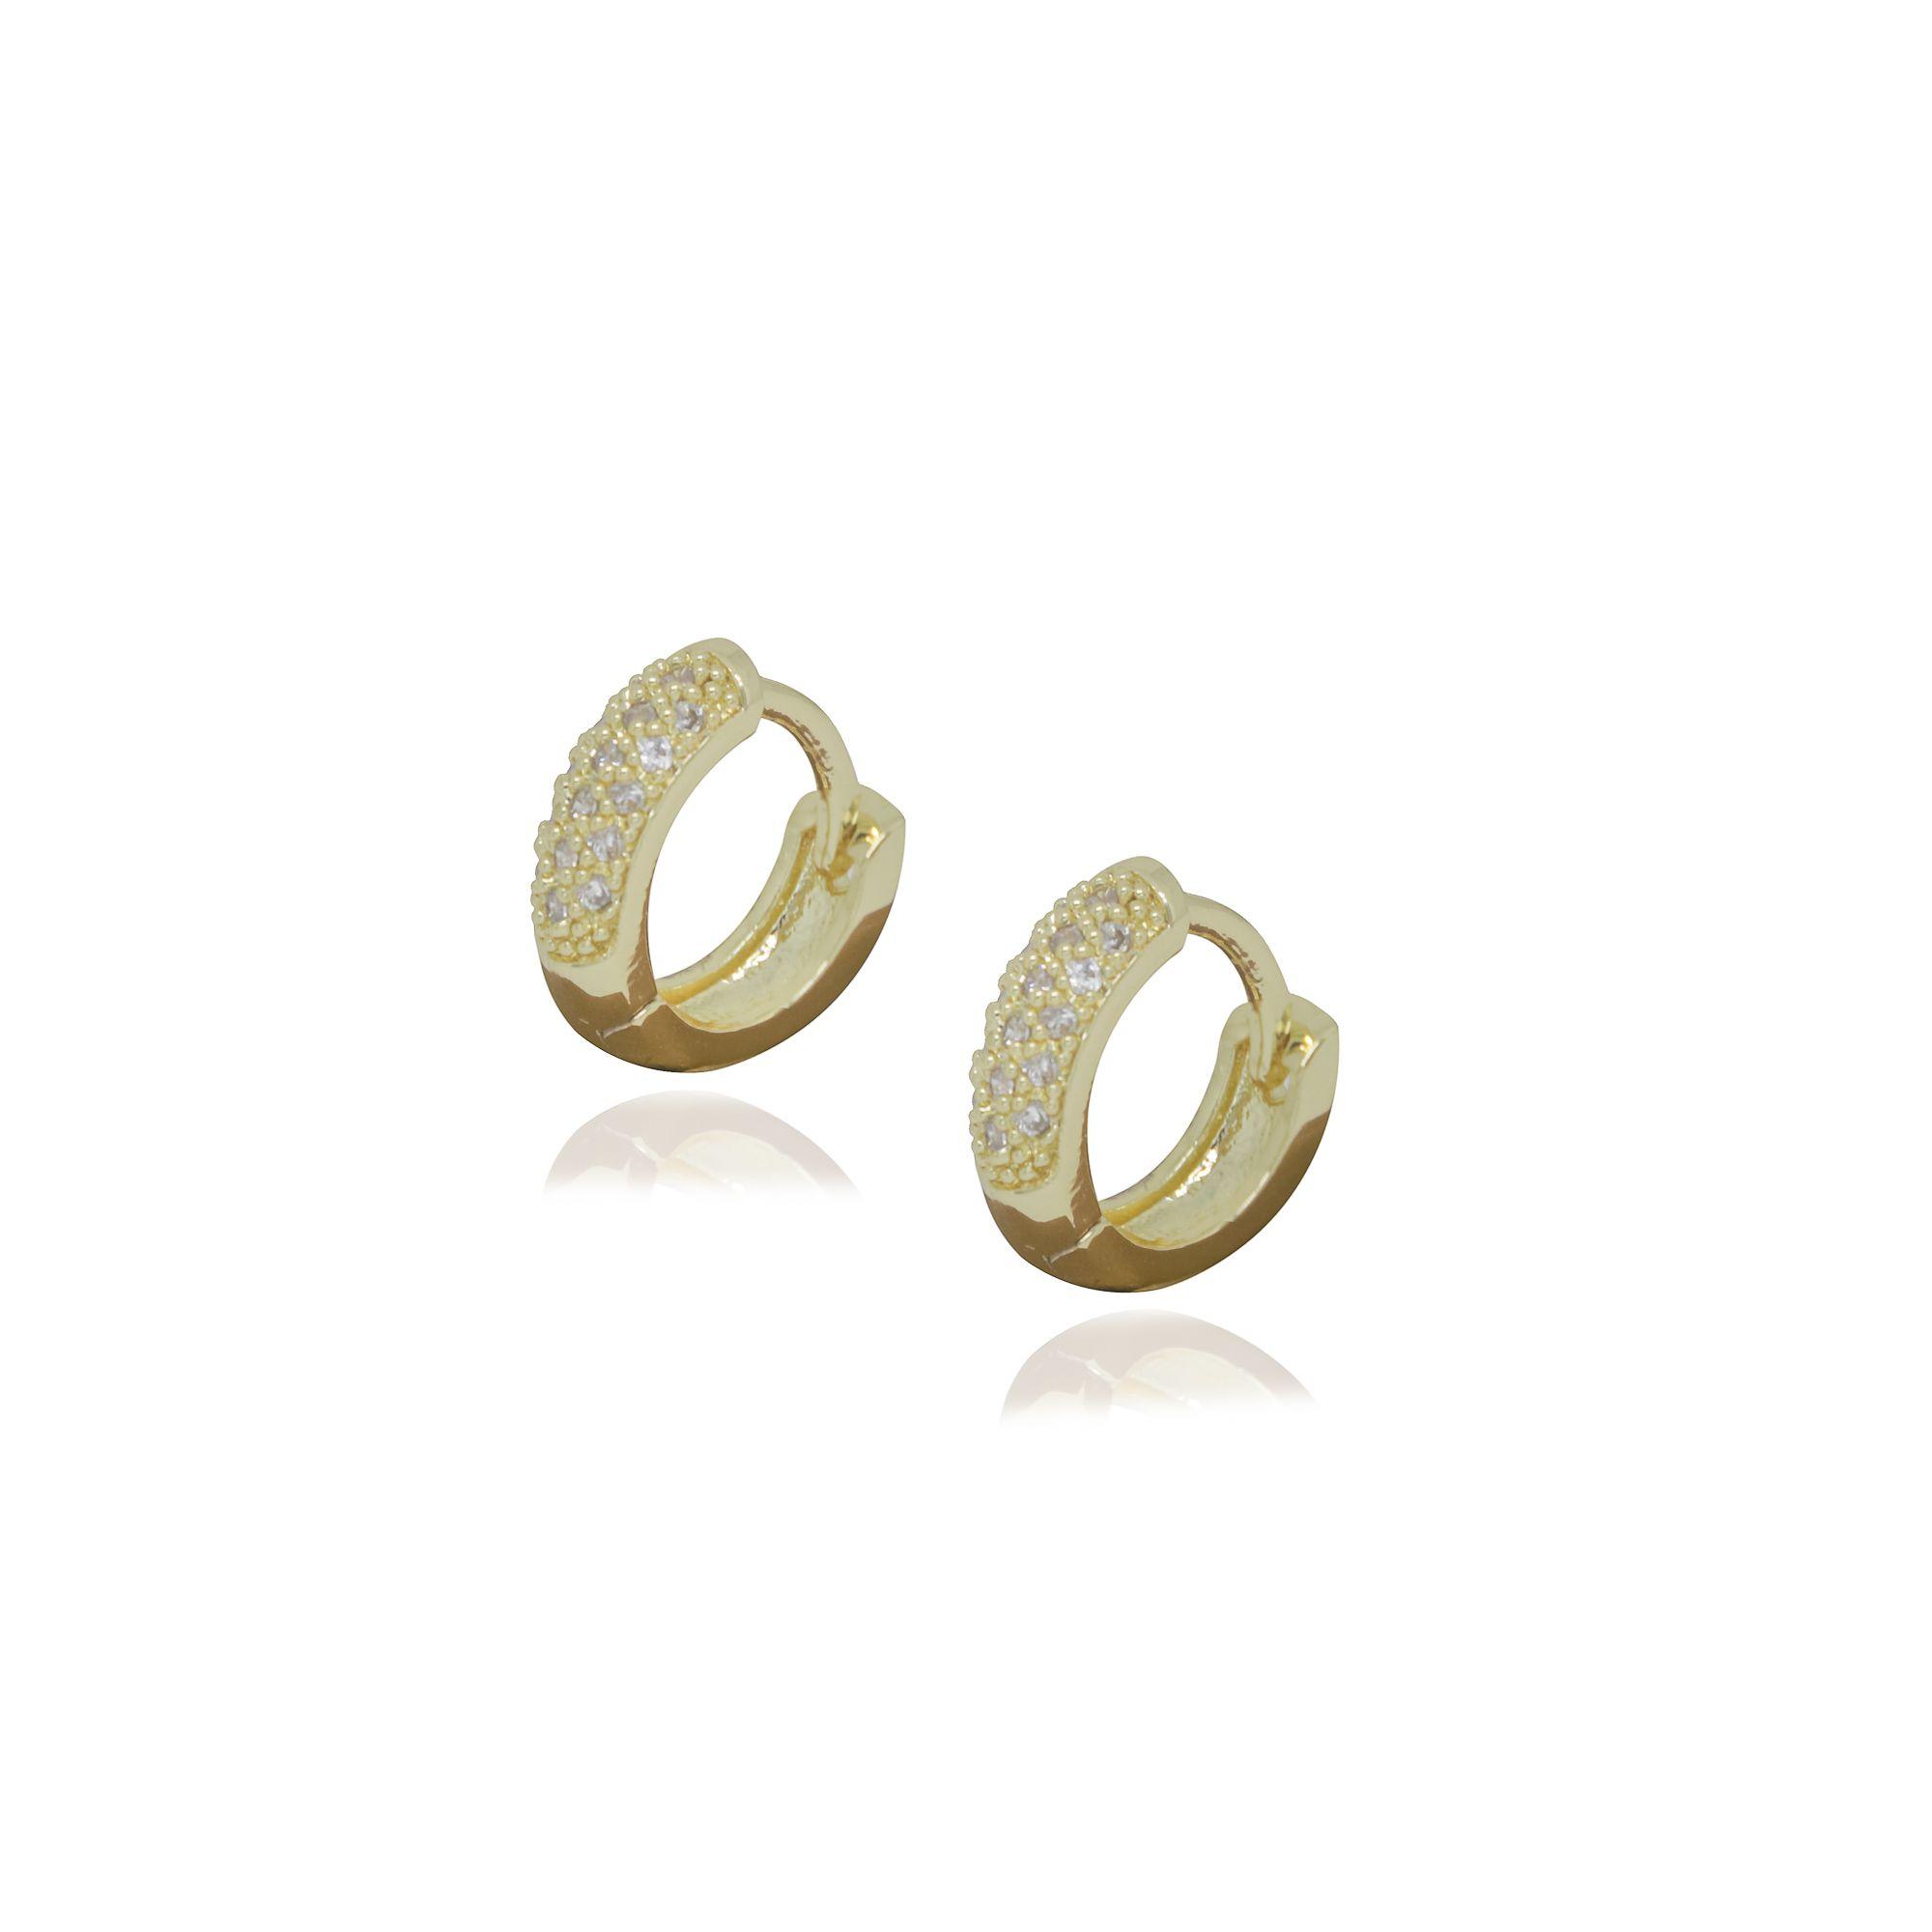 Brinco Semi joia argola fina 1,2 x 0,3 cm cravejada em microzircônia e folheada a ouro 18k ou rhodium